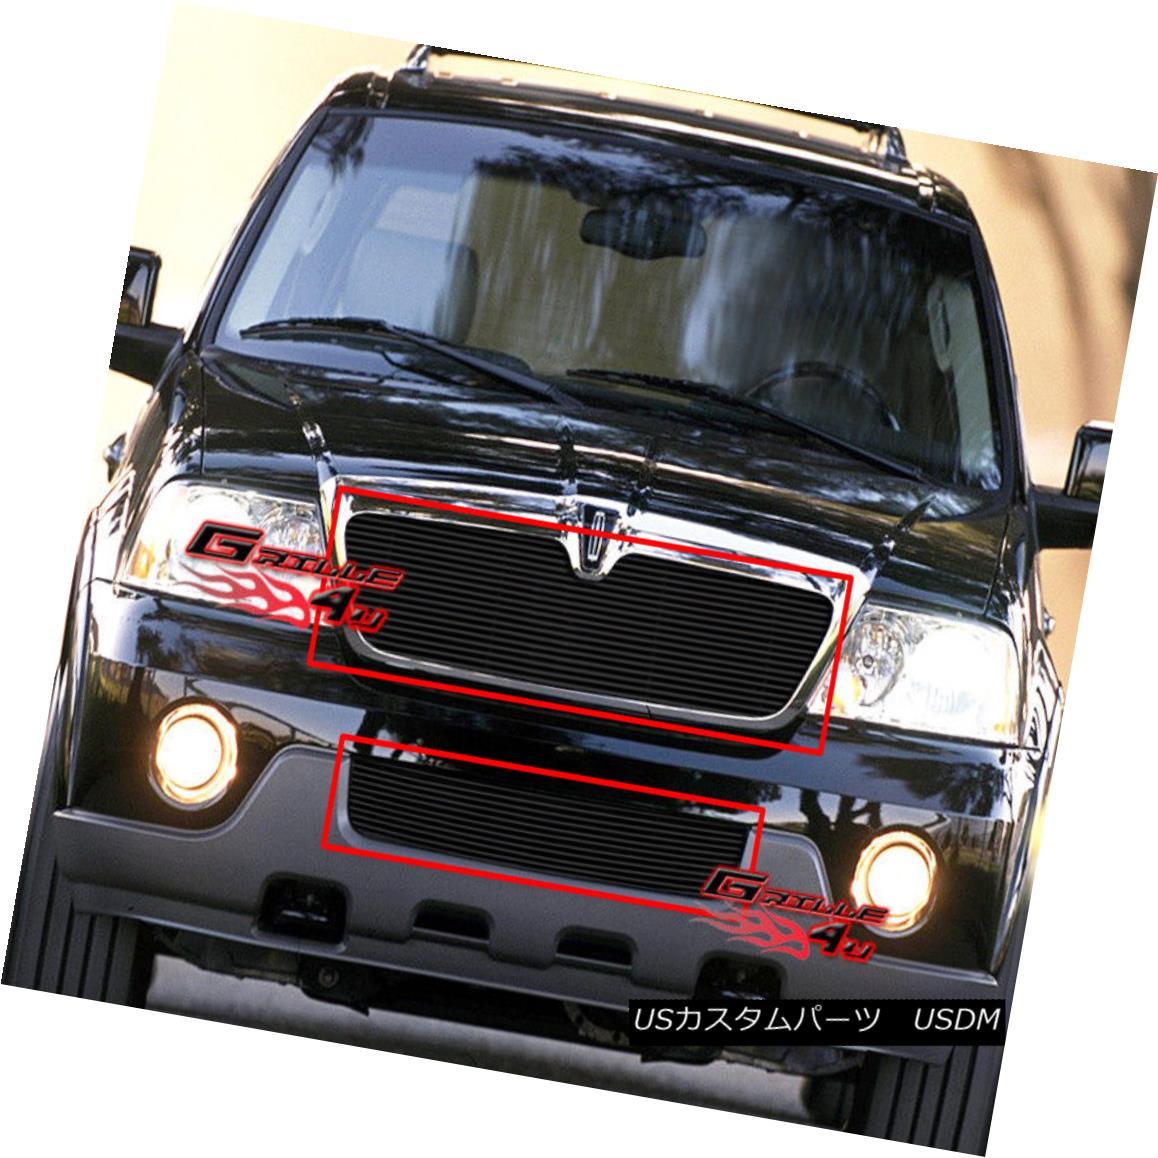 グリル For 03-04 Lincoln Navigator Black Billet Grille Combo 03-04リンカーンナビゲーターブラックビレットグリルコンボ用